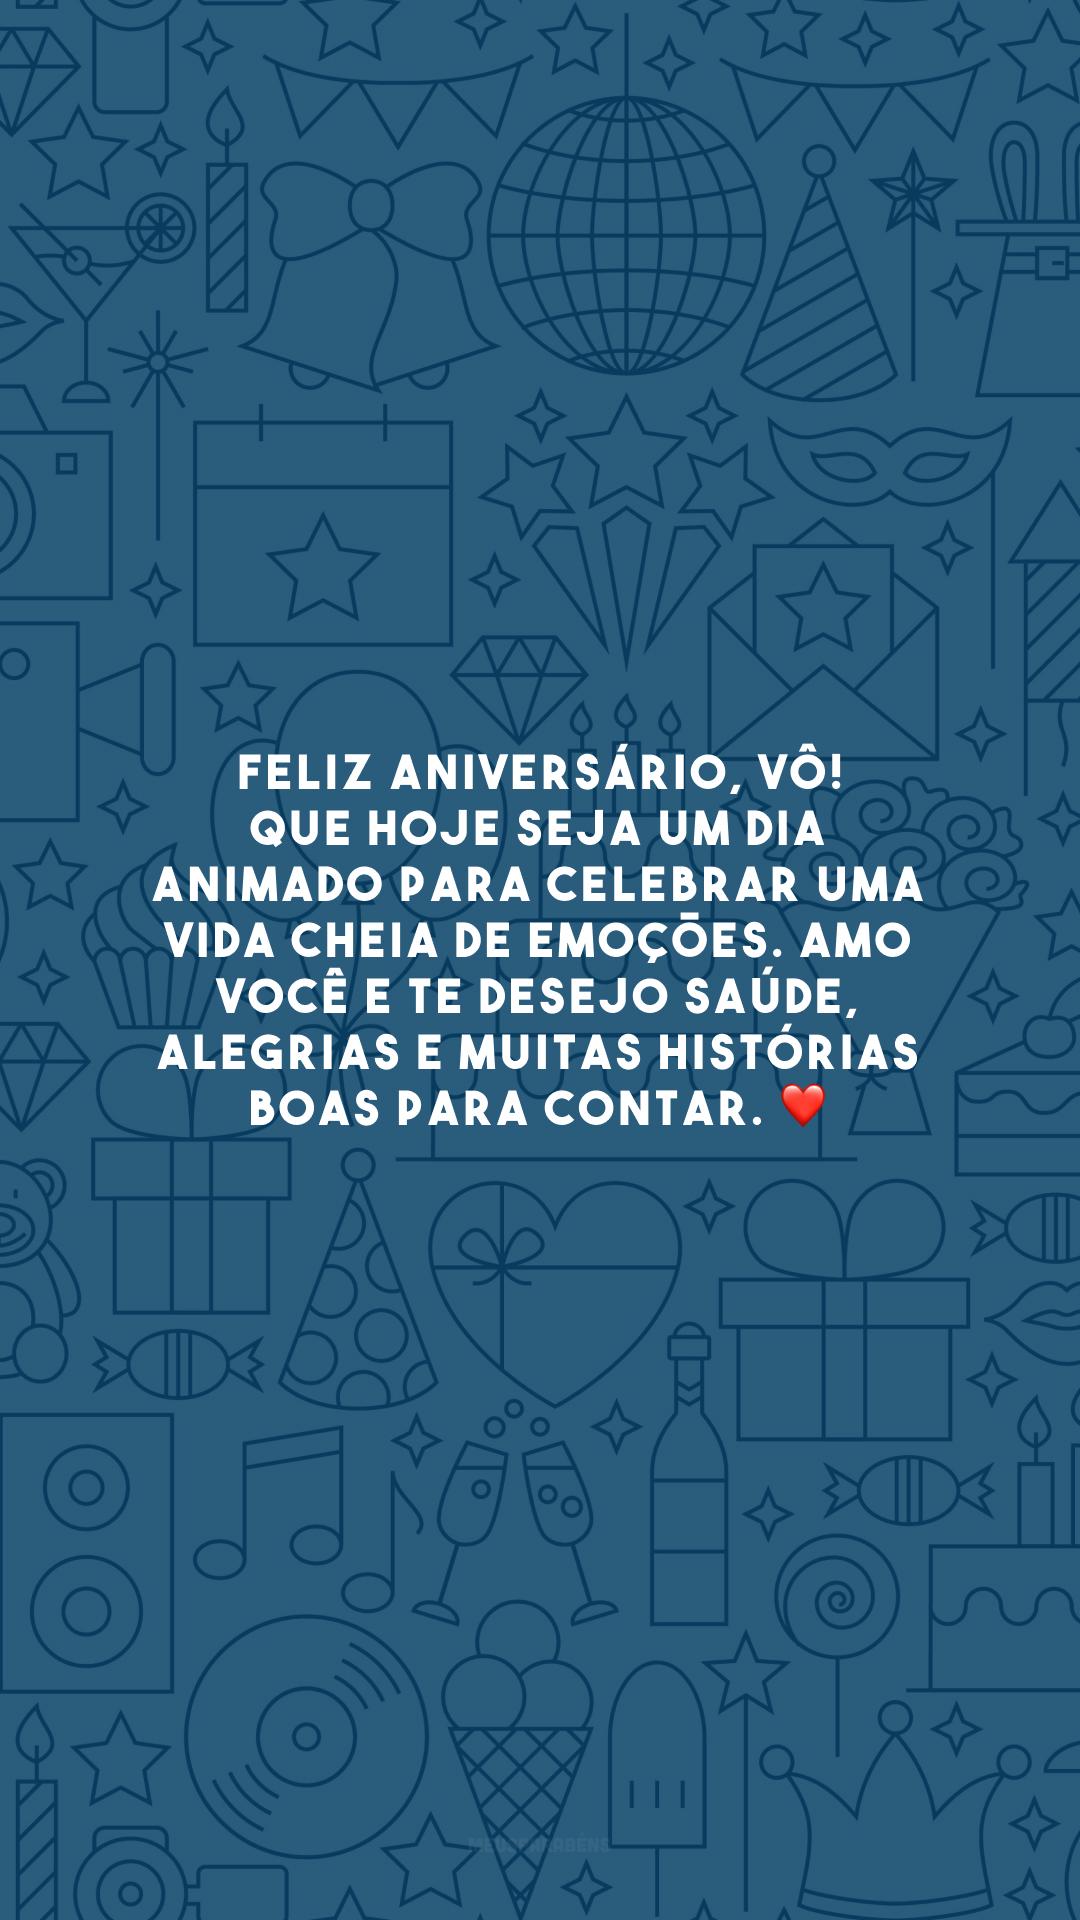 Feliz aniversário, vô! Que hoje seja um dia animado para celebrar uma vida cheia de emoções. Amo você e te desejo saúde, alegrias e muitas histórias boas para contar. ❤️